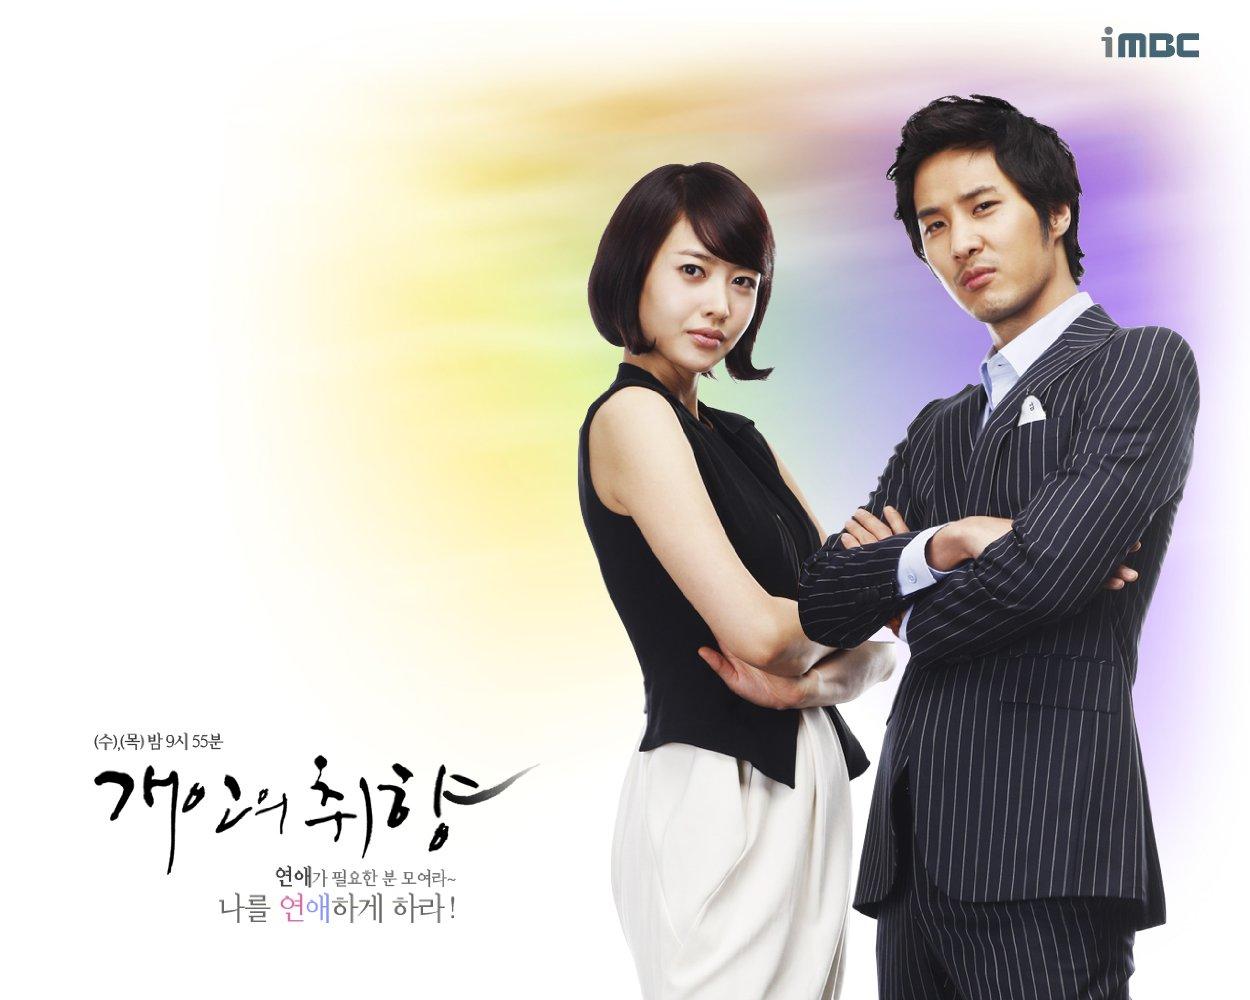 Ji-seok Kim